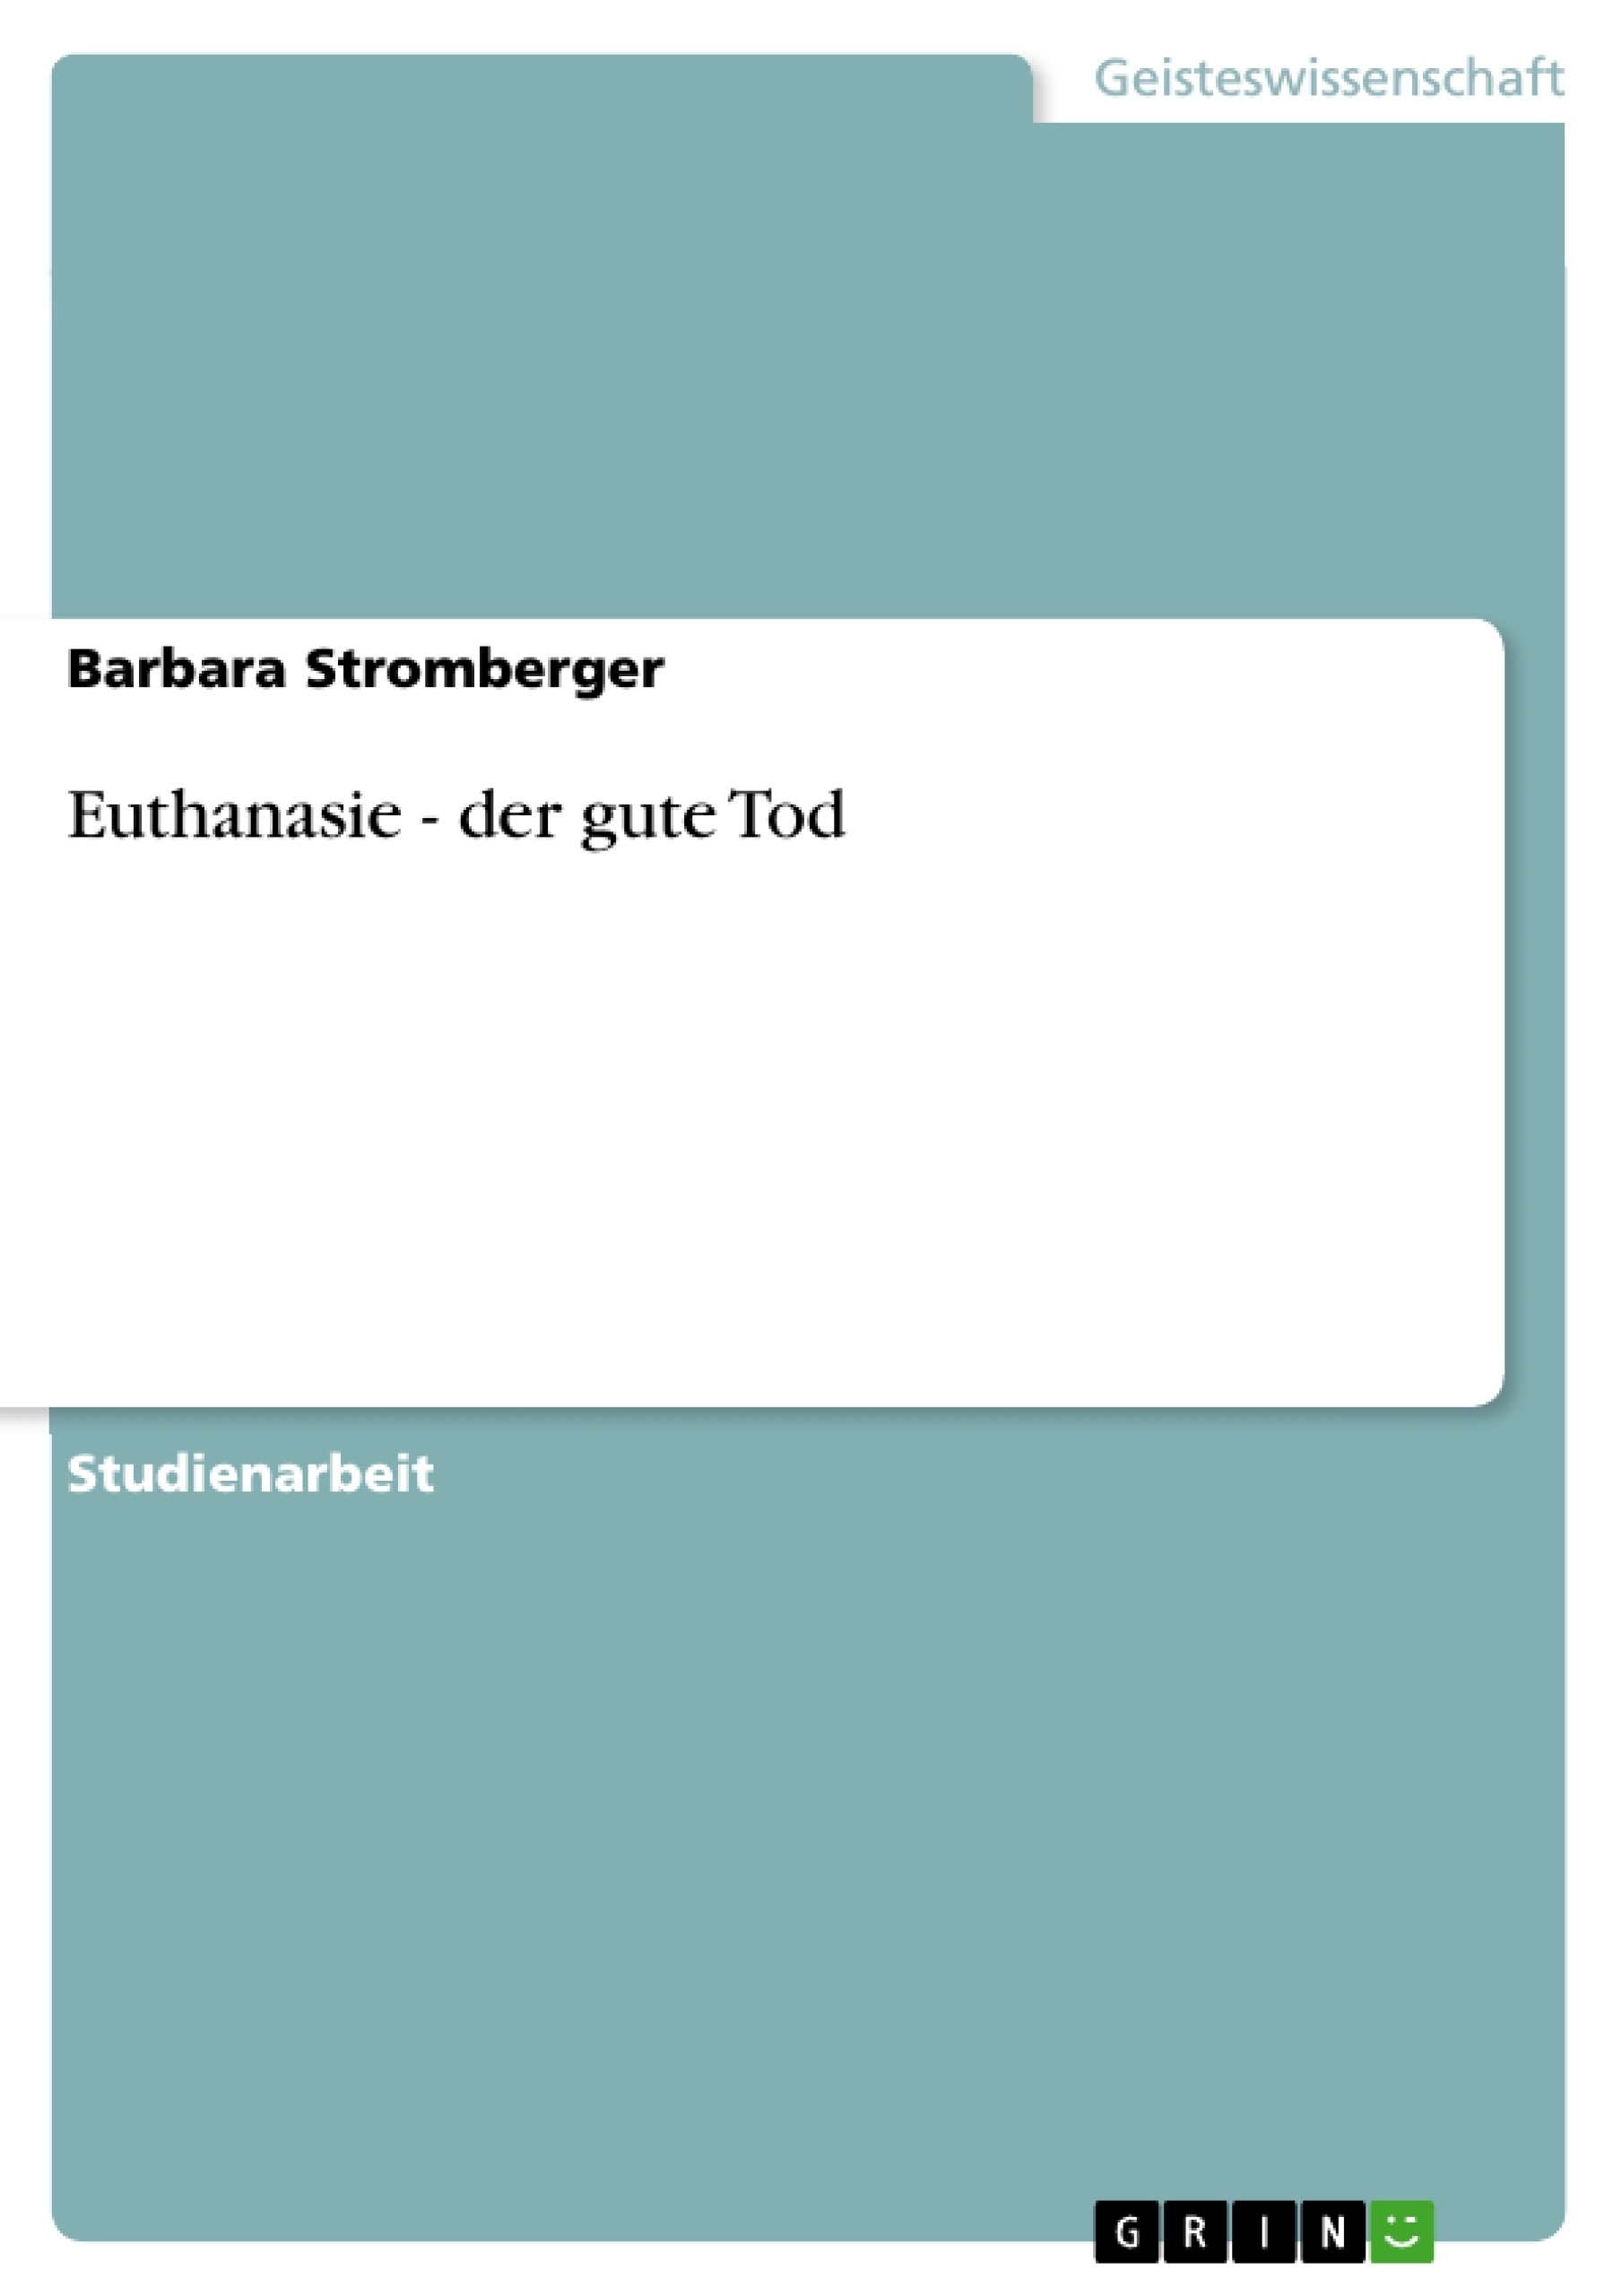 Titel: Euthanasie - der gute Tod